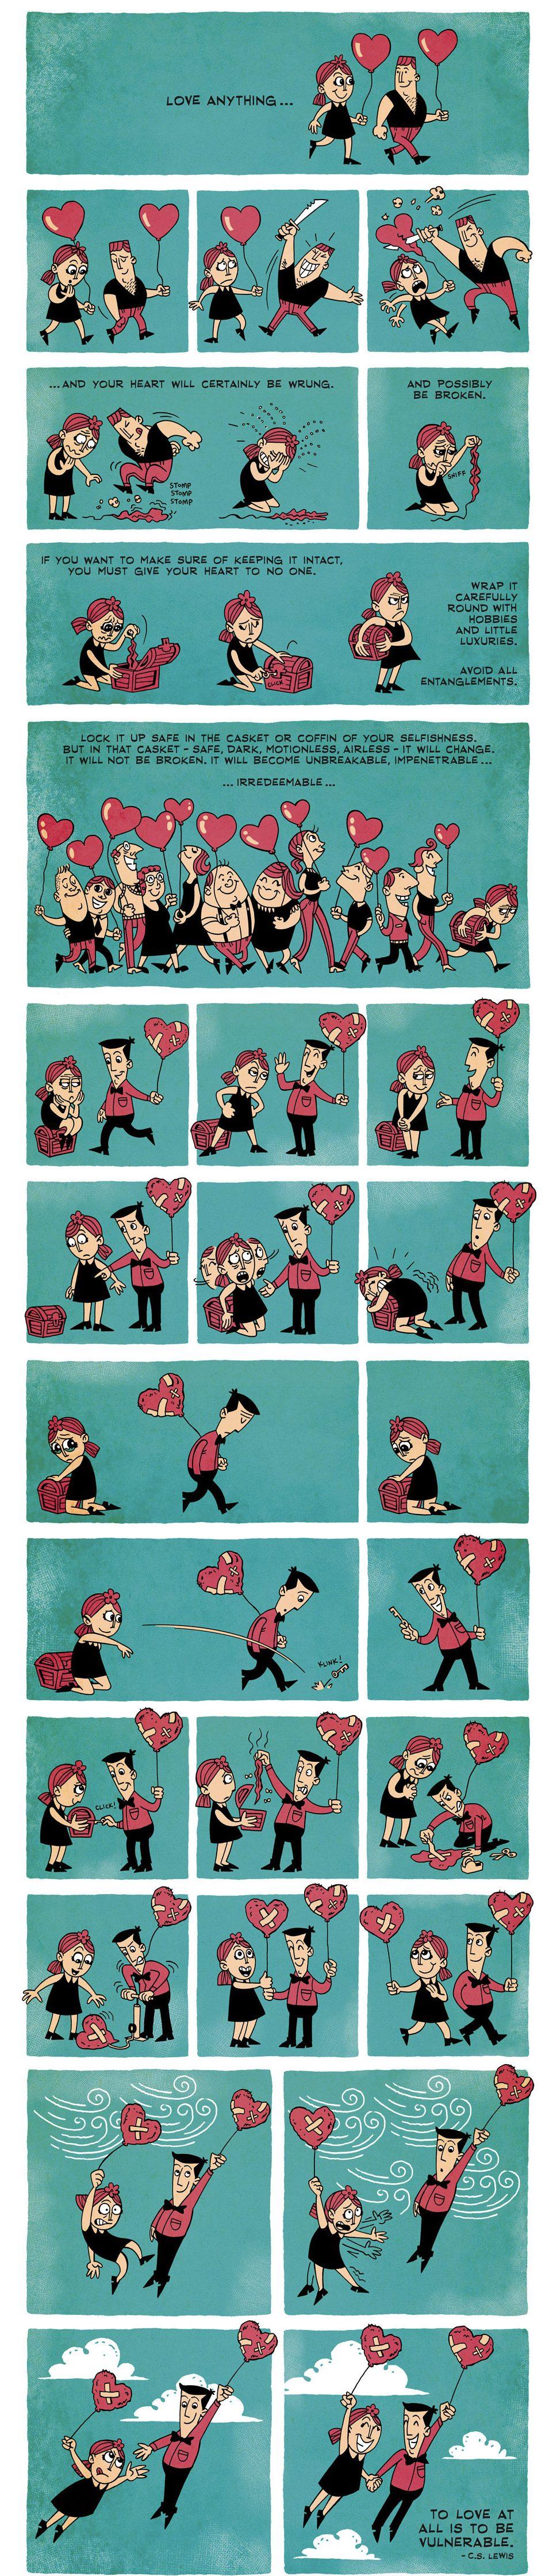 significato dell'amore in un fumetto